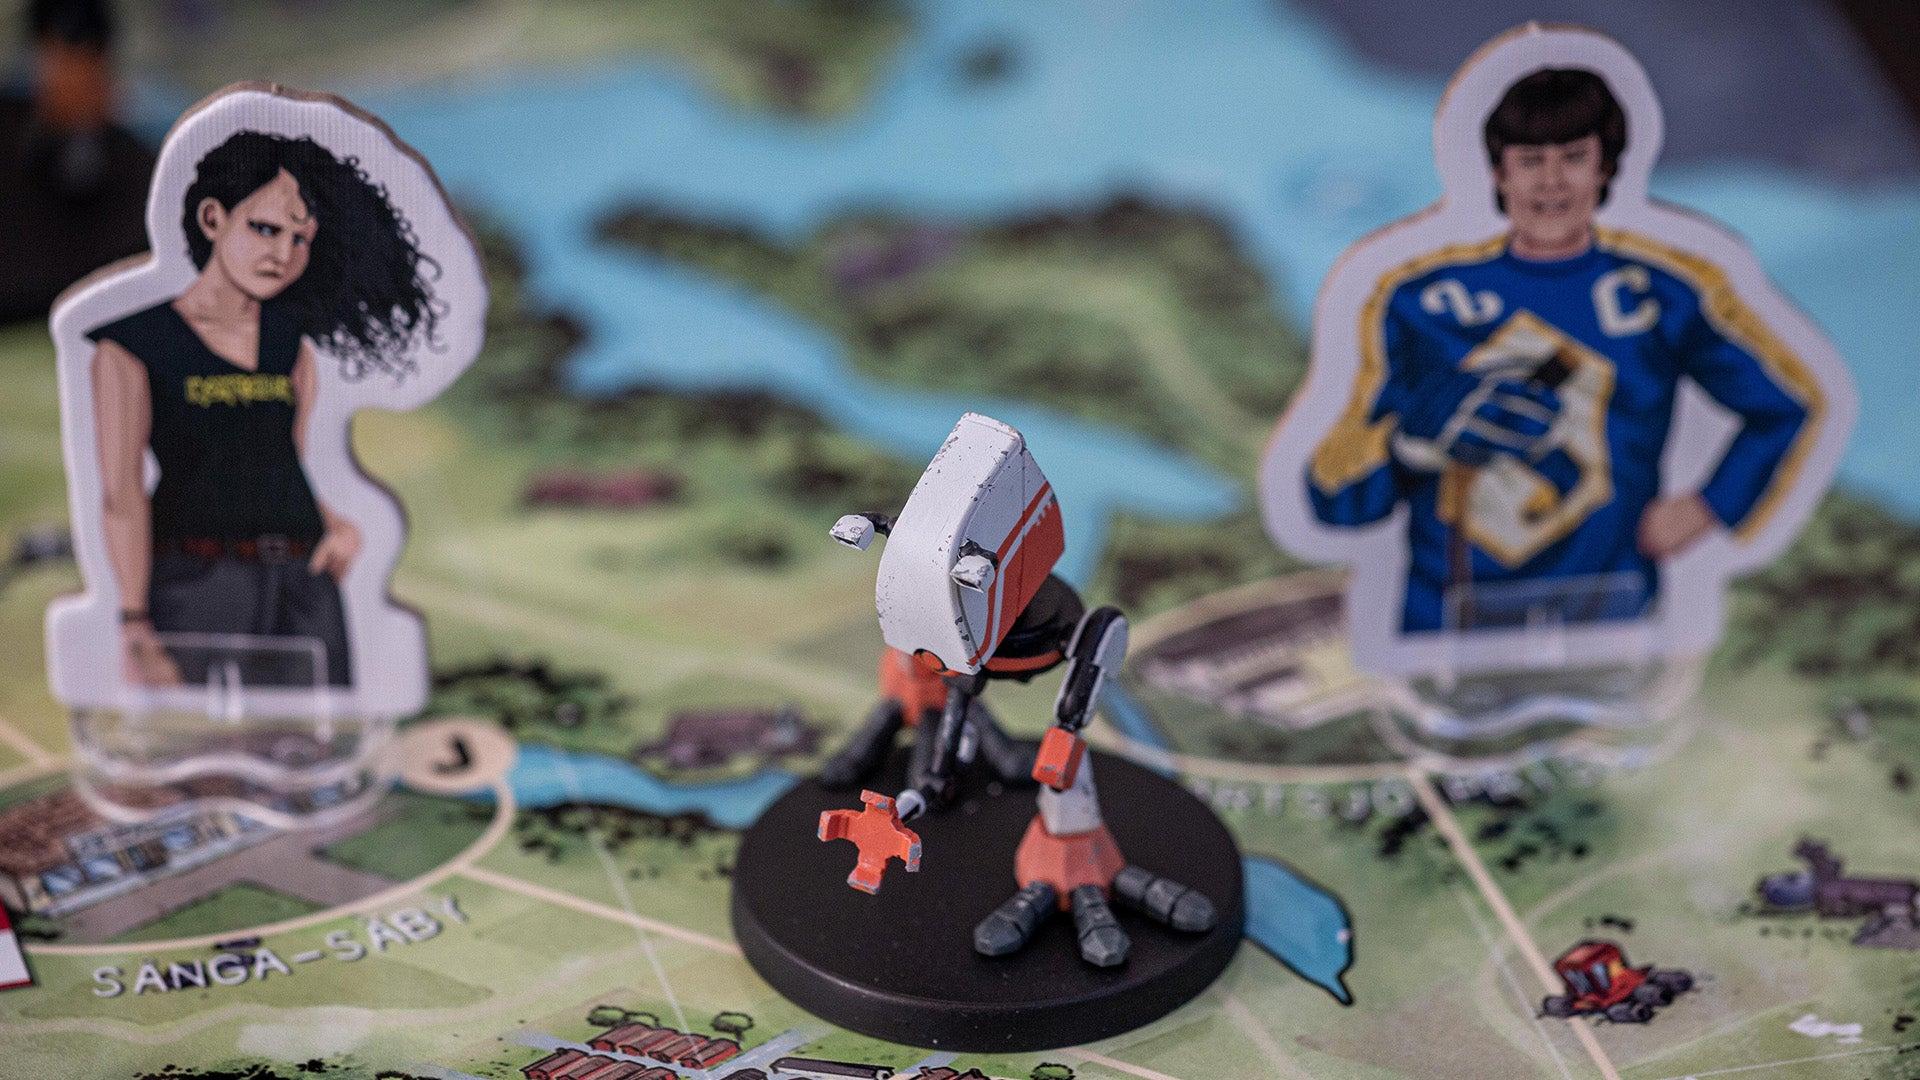 tales-from-the-loop-board-game-gameplay-1.jpg